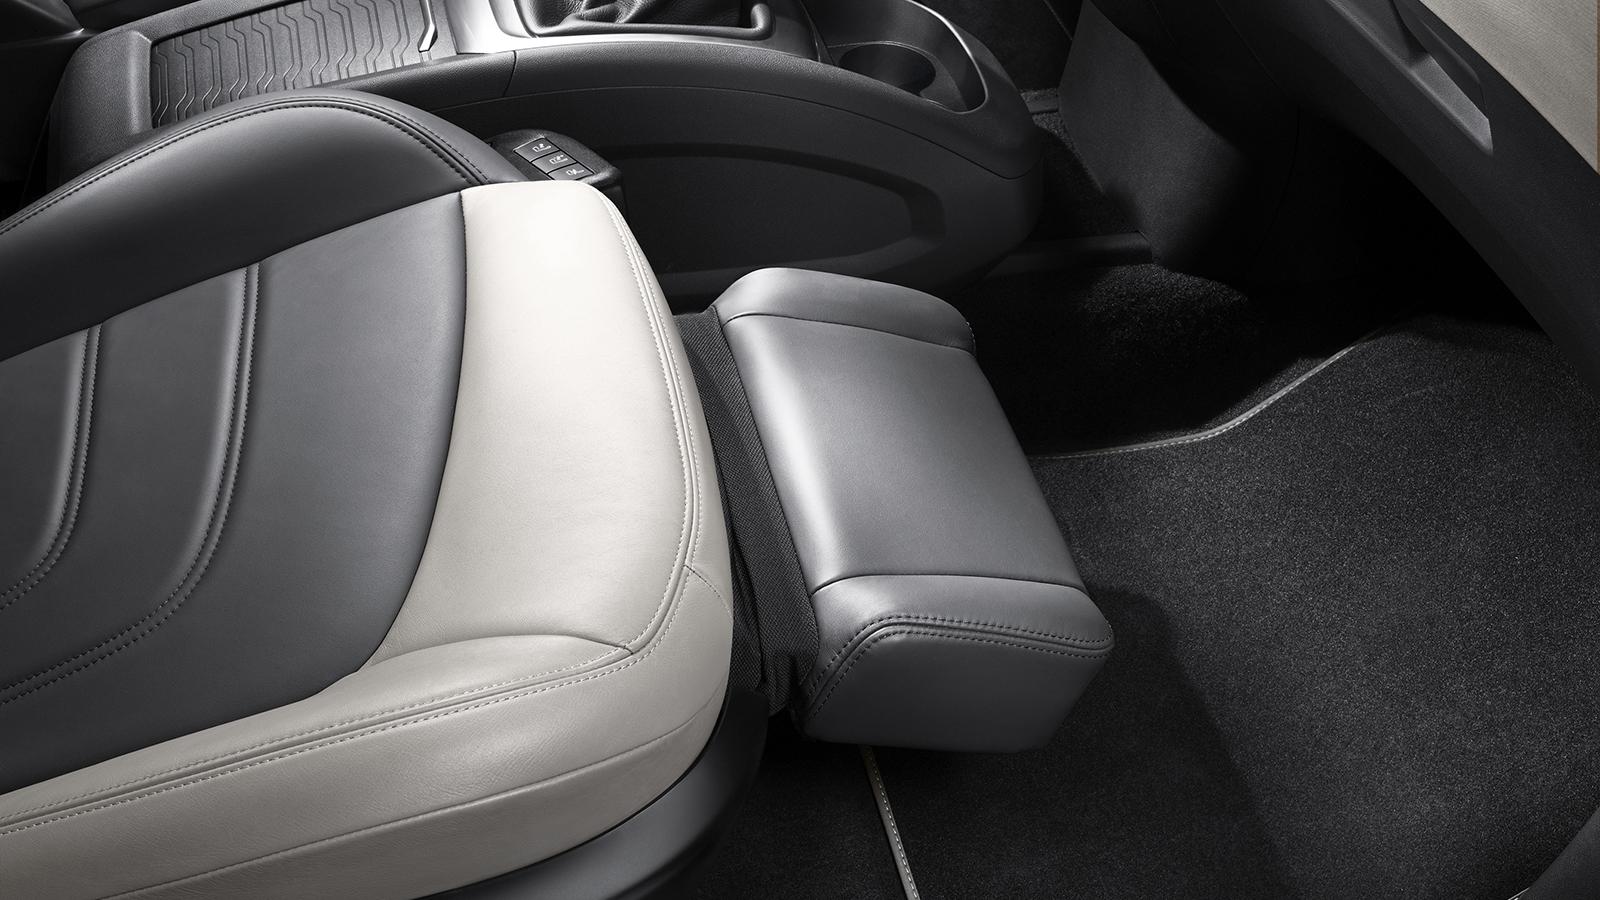 Los usuarios más sibaritas sabrán valorar la comodidad que proporciona el asiento de acompañante relax semieléctrico con reposapiés extensible. Se incluye dentro del Pack Lounge.